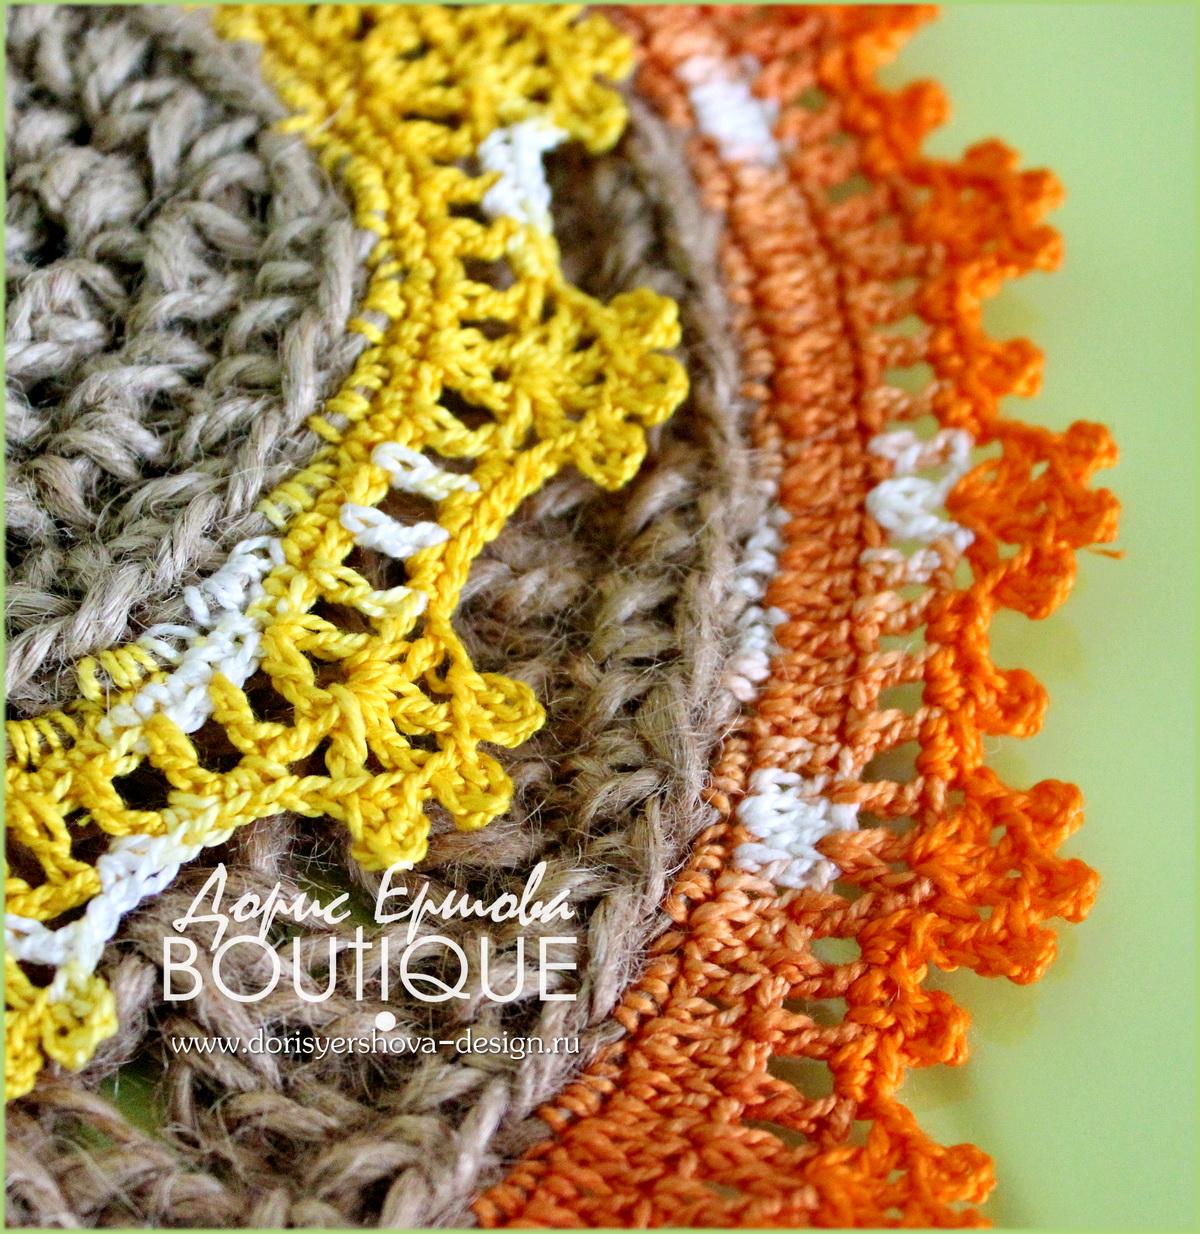 салфетки из джута с цветным кружевом, вязанное крючком кружево, подложки для горячего на кухню из джута, джут, декор, домашний декор, фито и дизайн Дорис Ершовой, зеленый, оранжевый, желтый, jute cloth with colored lace, knit crochet lace, substrate hot in the kitchen of jute, jute, decor, home decor, and phyto design by Doris Ershova, green, orange, yellow